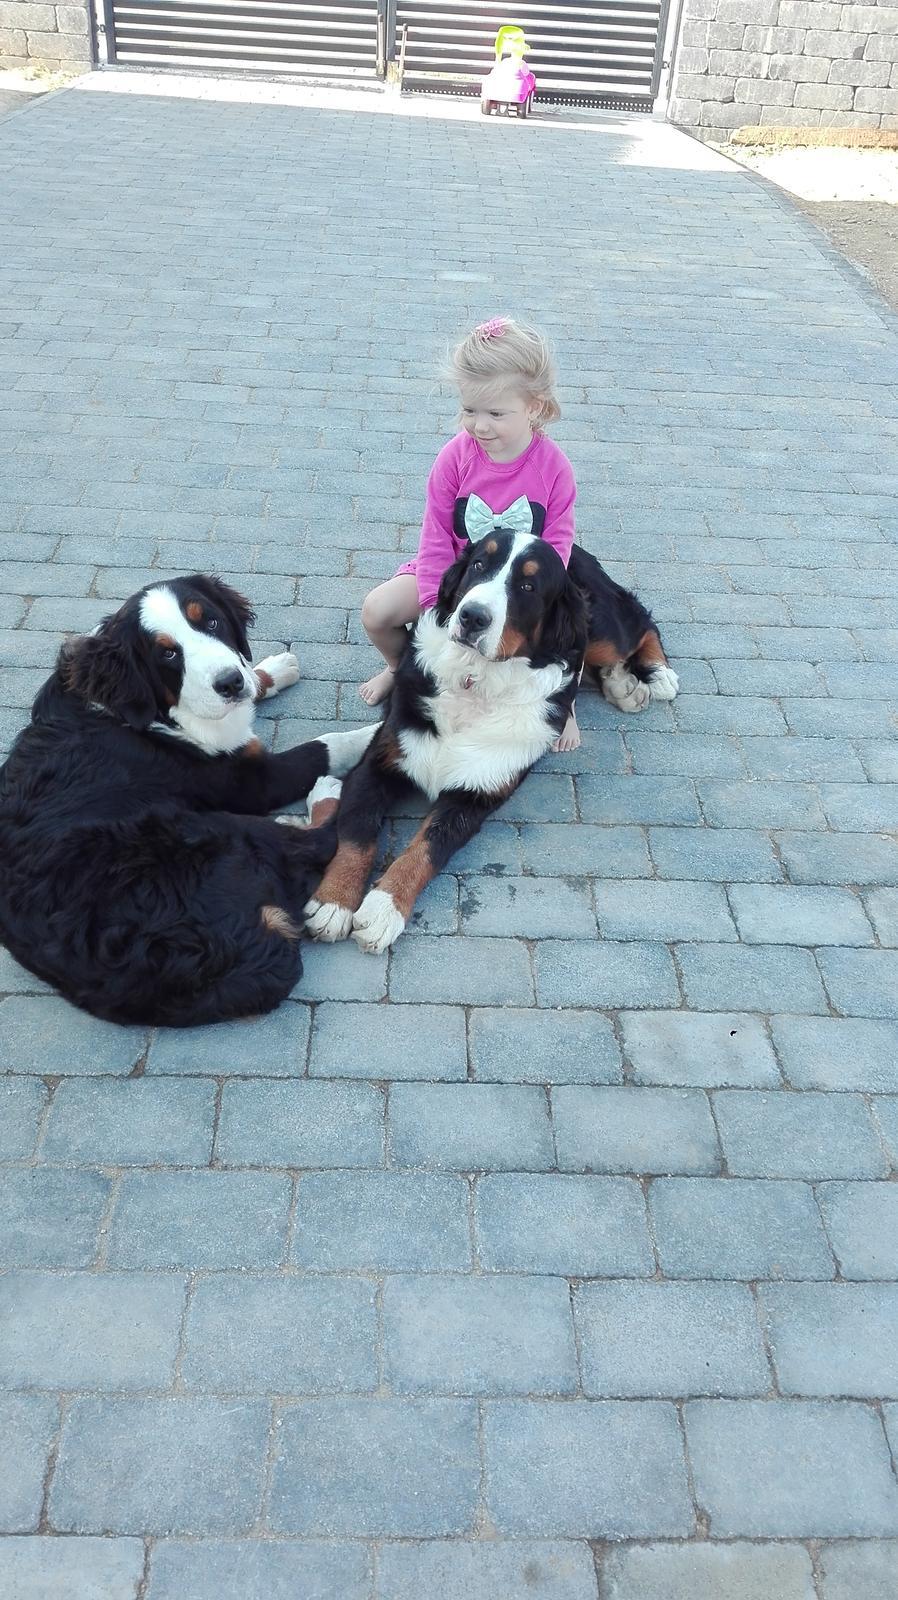 Nas zverinec - dve fenky,jeden pes a dvaja kocurikovia - partaci <3